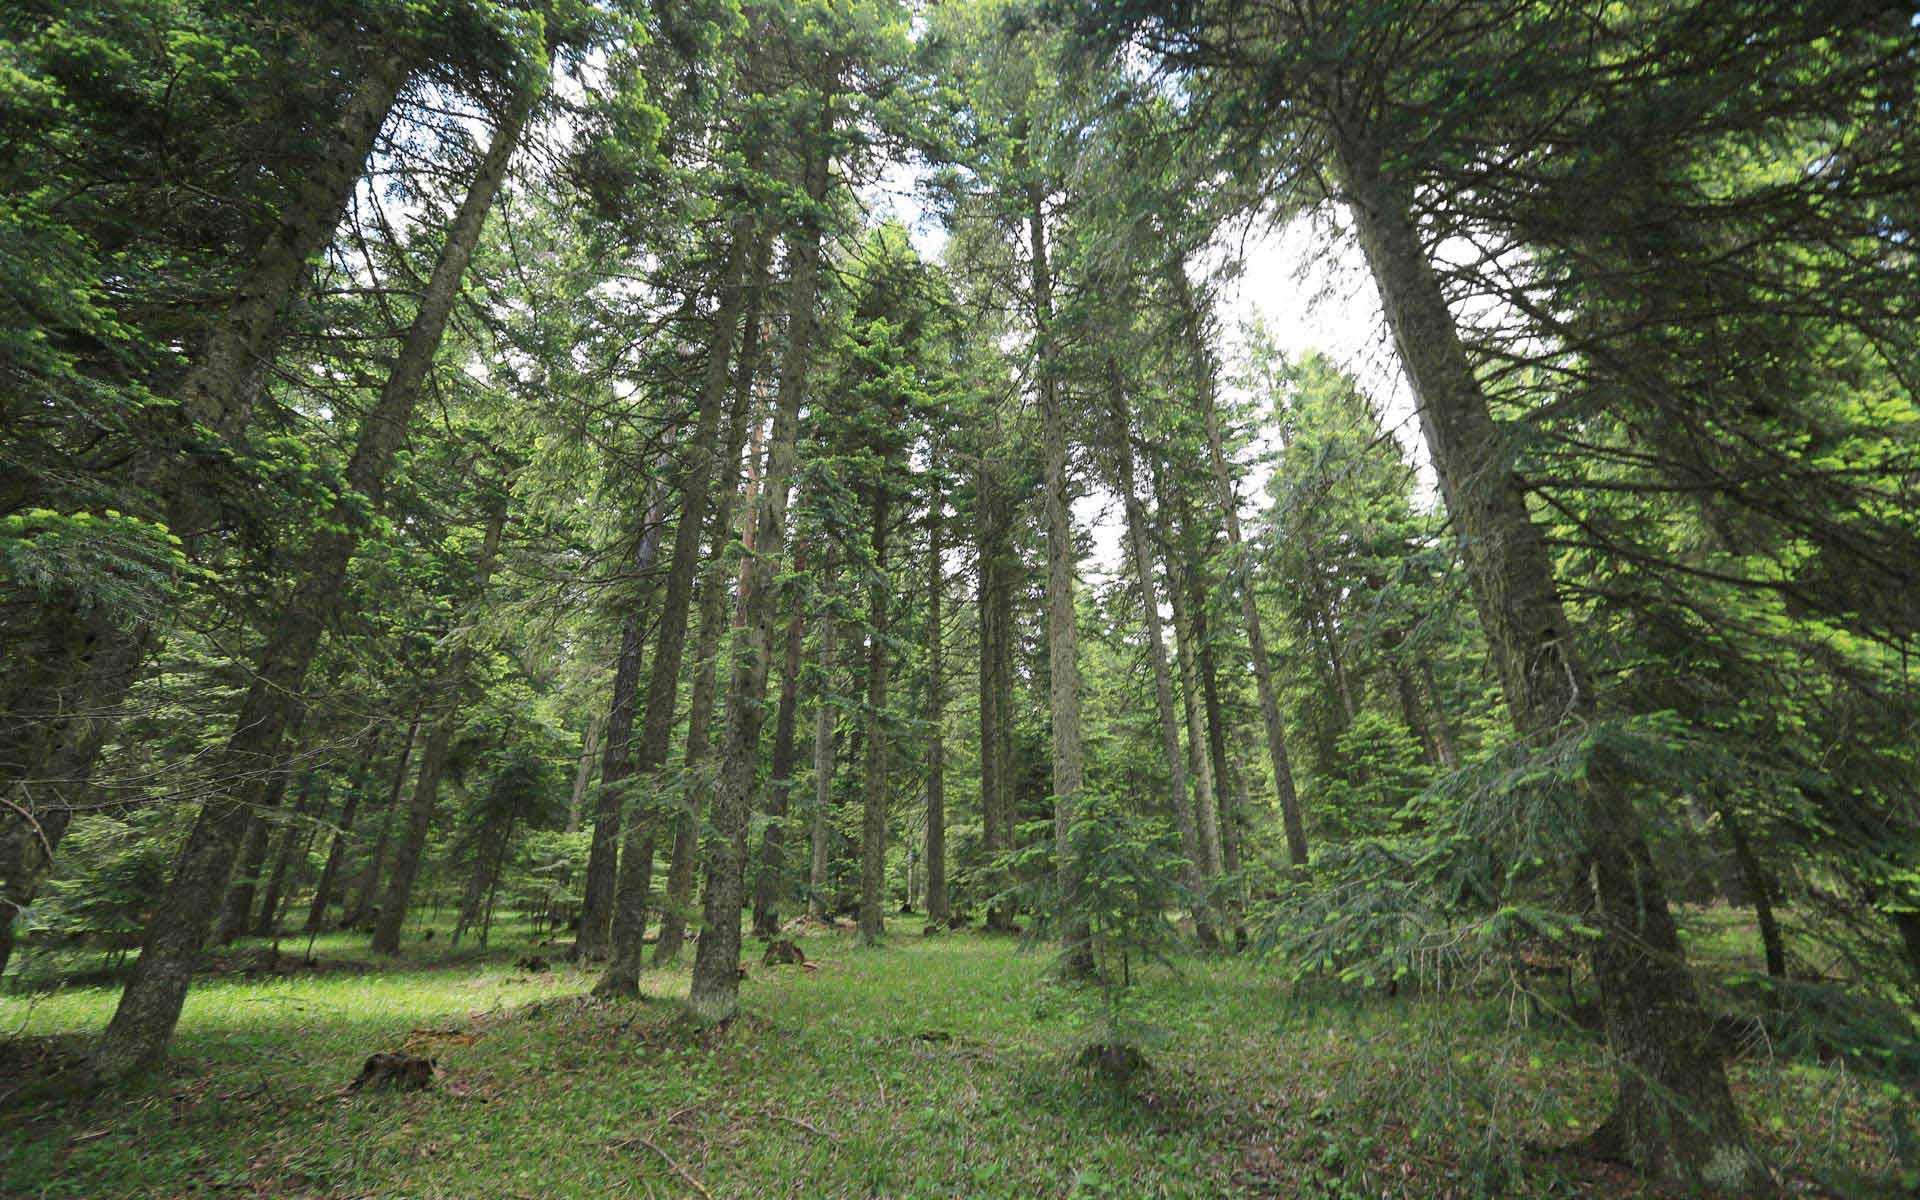 Kastamonu Daday Soğucaova Orman Fotoğrafı